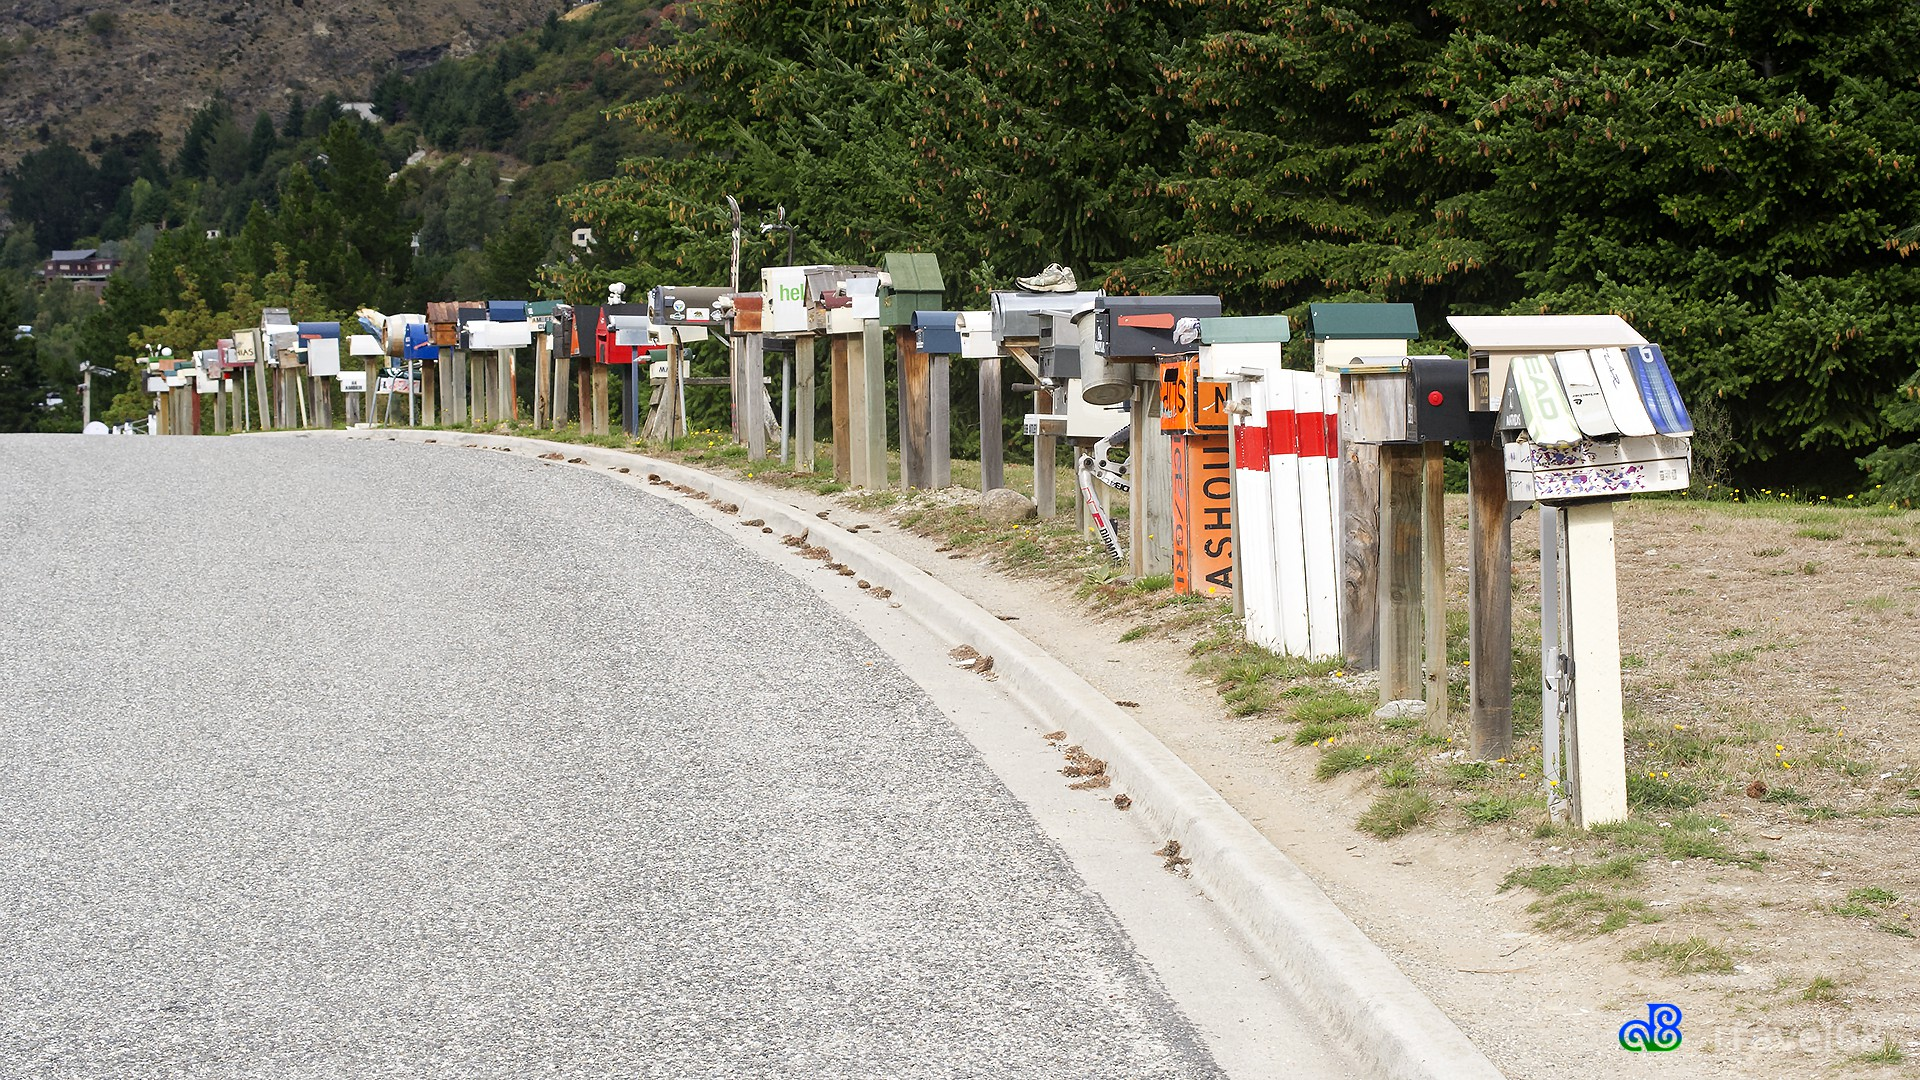 Allerlei verschillende modellen brievenbussen op een rij